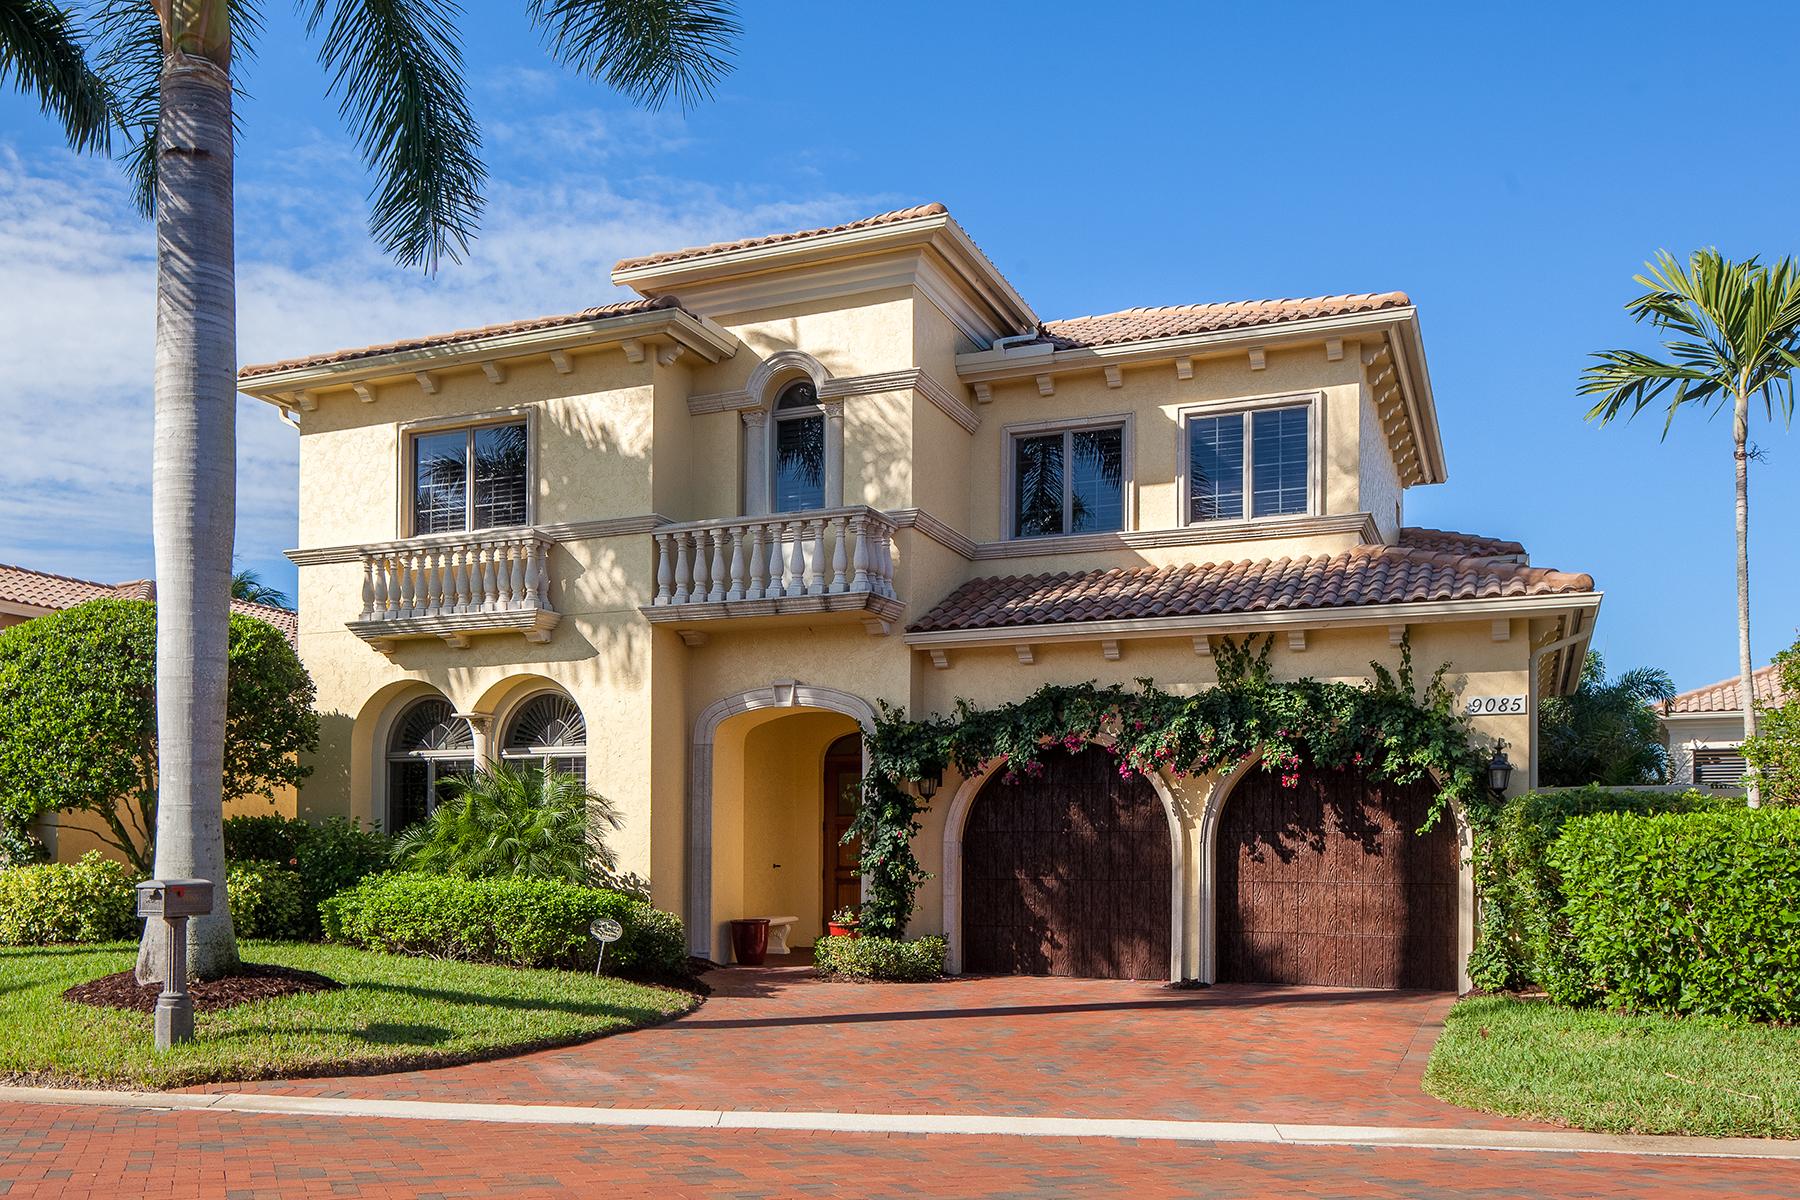 sales property at 9085 Terranova Dr , Naples, FL 34109